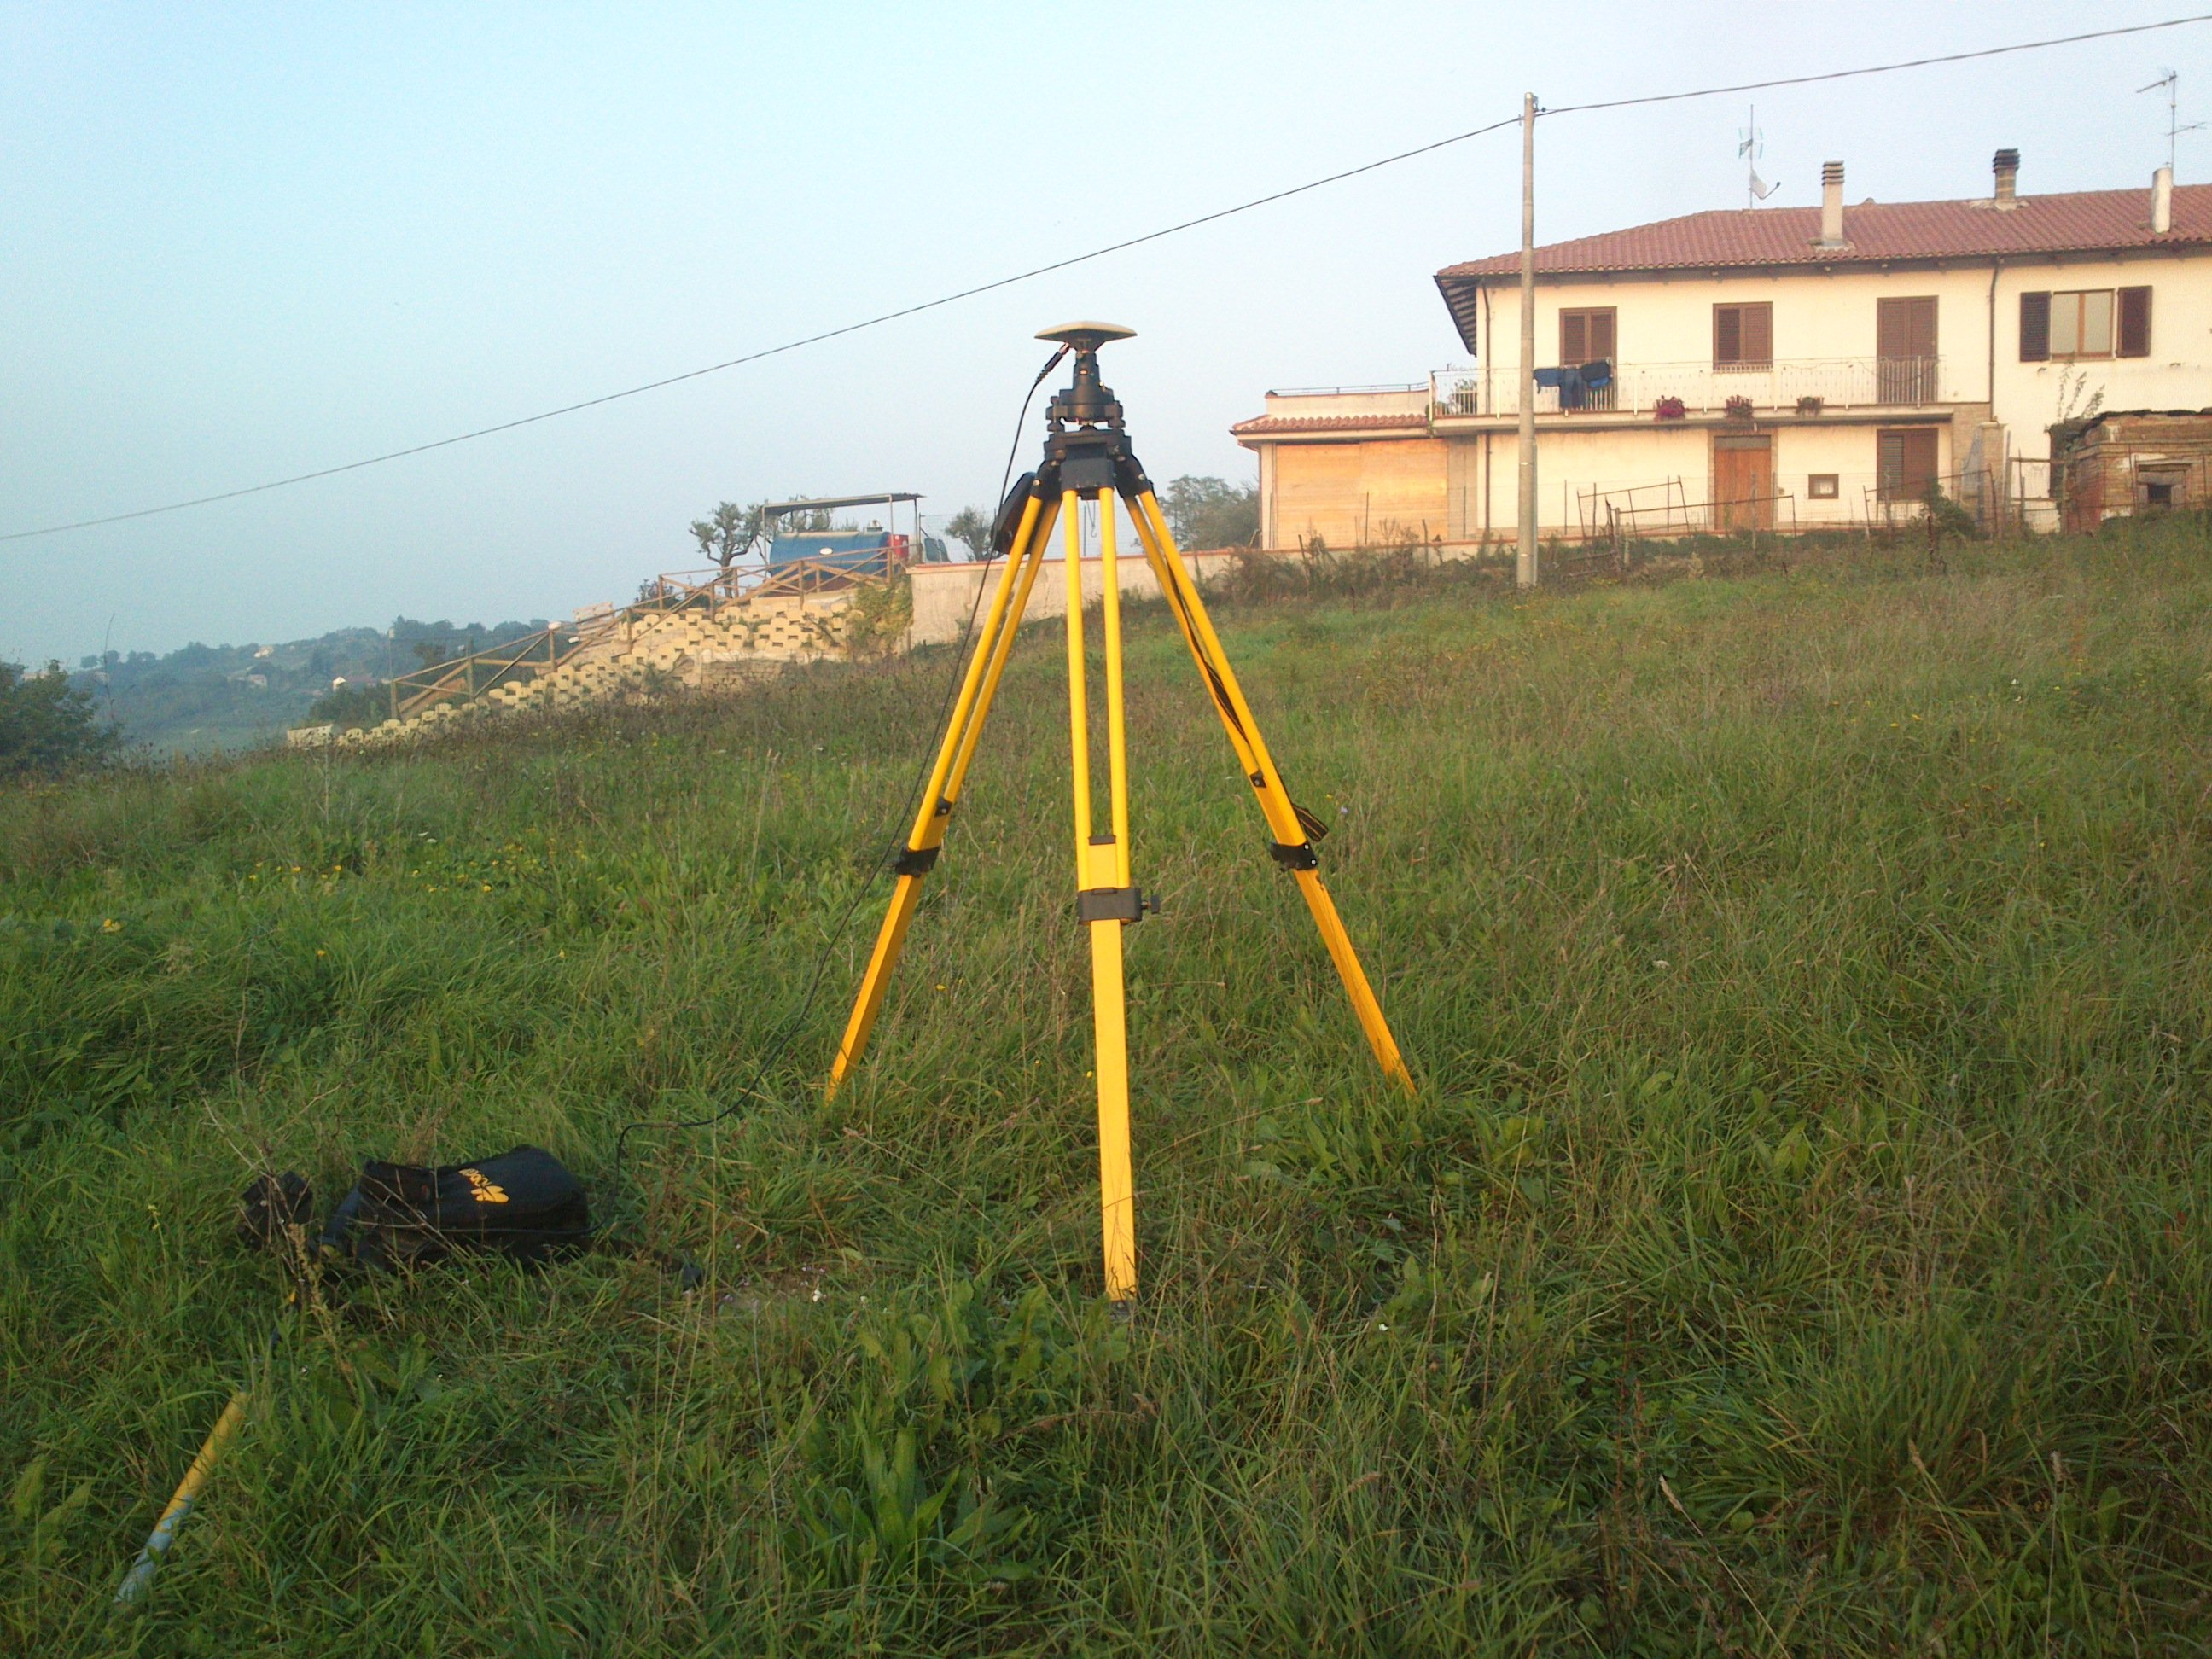 strumento geodetico in un prato con casa sullo sfondo